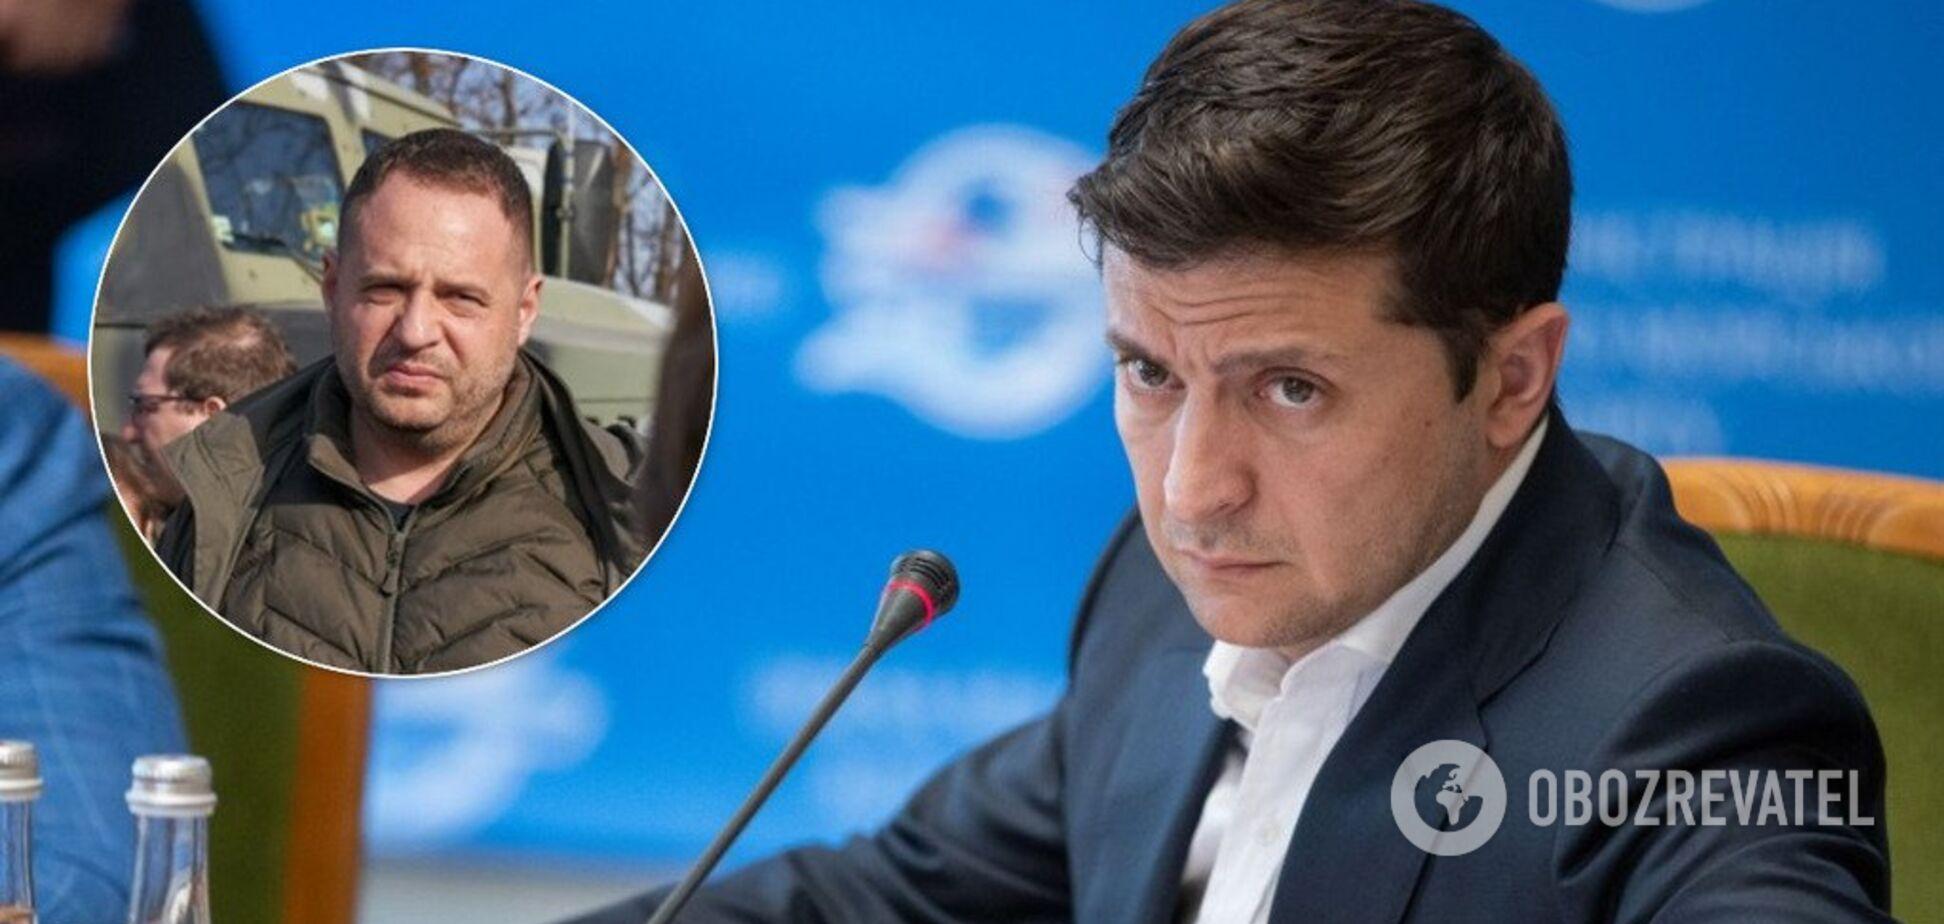 Зеленский задумал отгородиться от Донбасса стеной: что известно